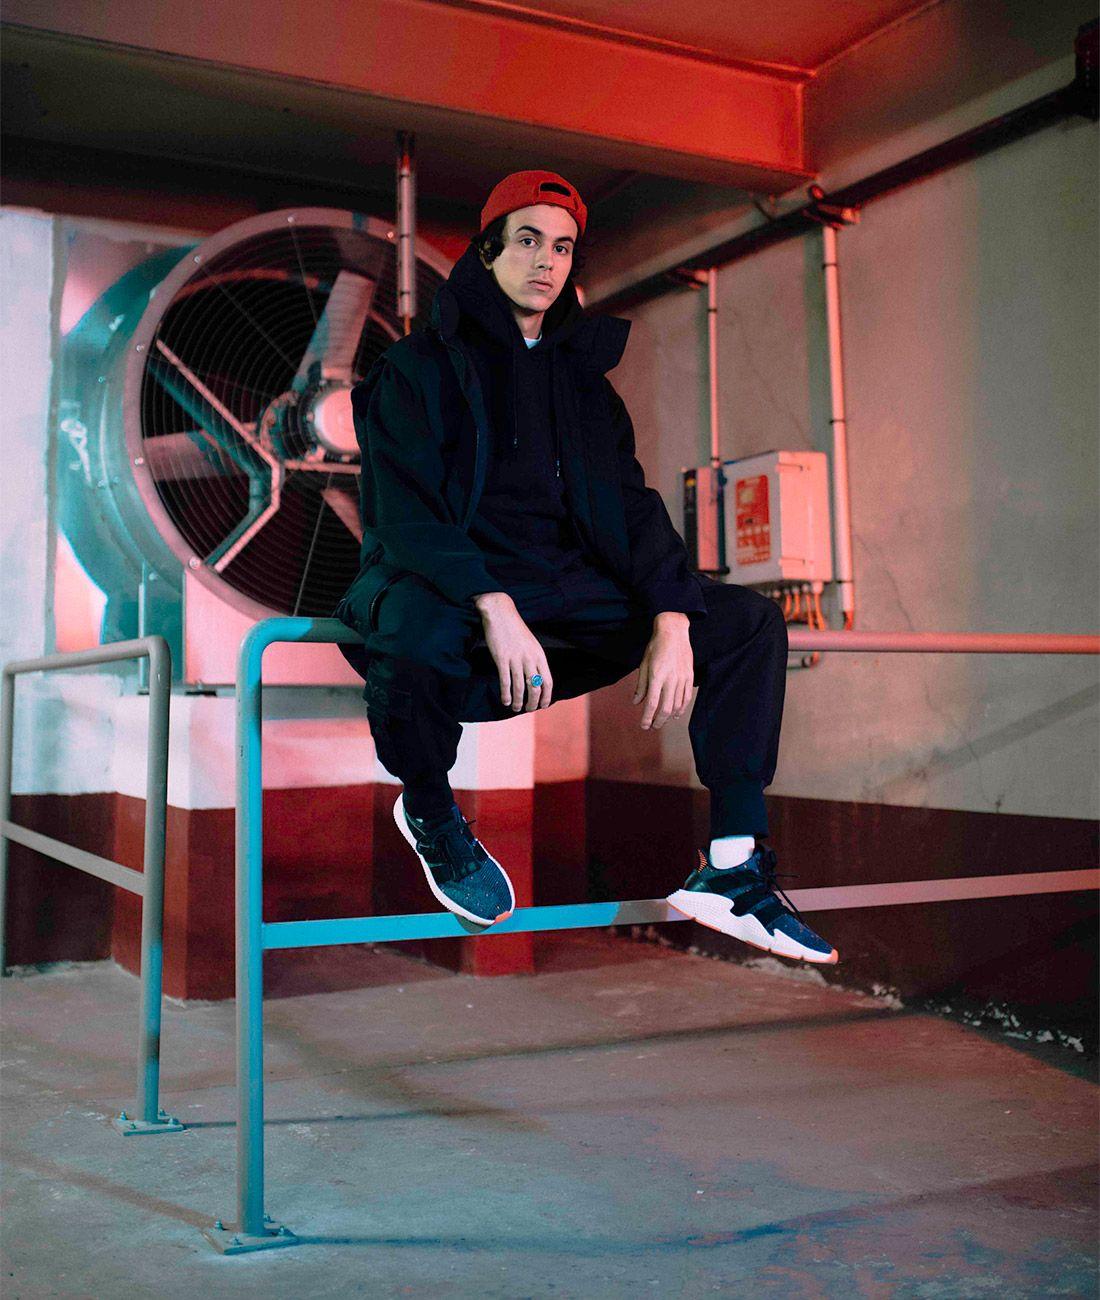 Adidas Prophere Paris France Jokair Sneaker Freaker 5